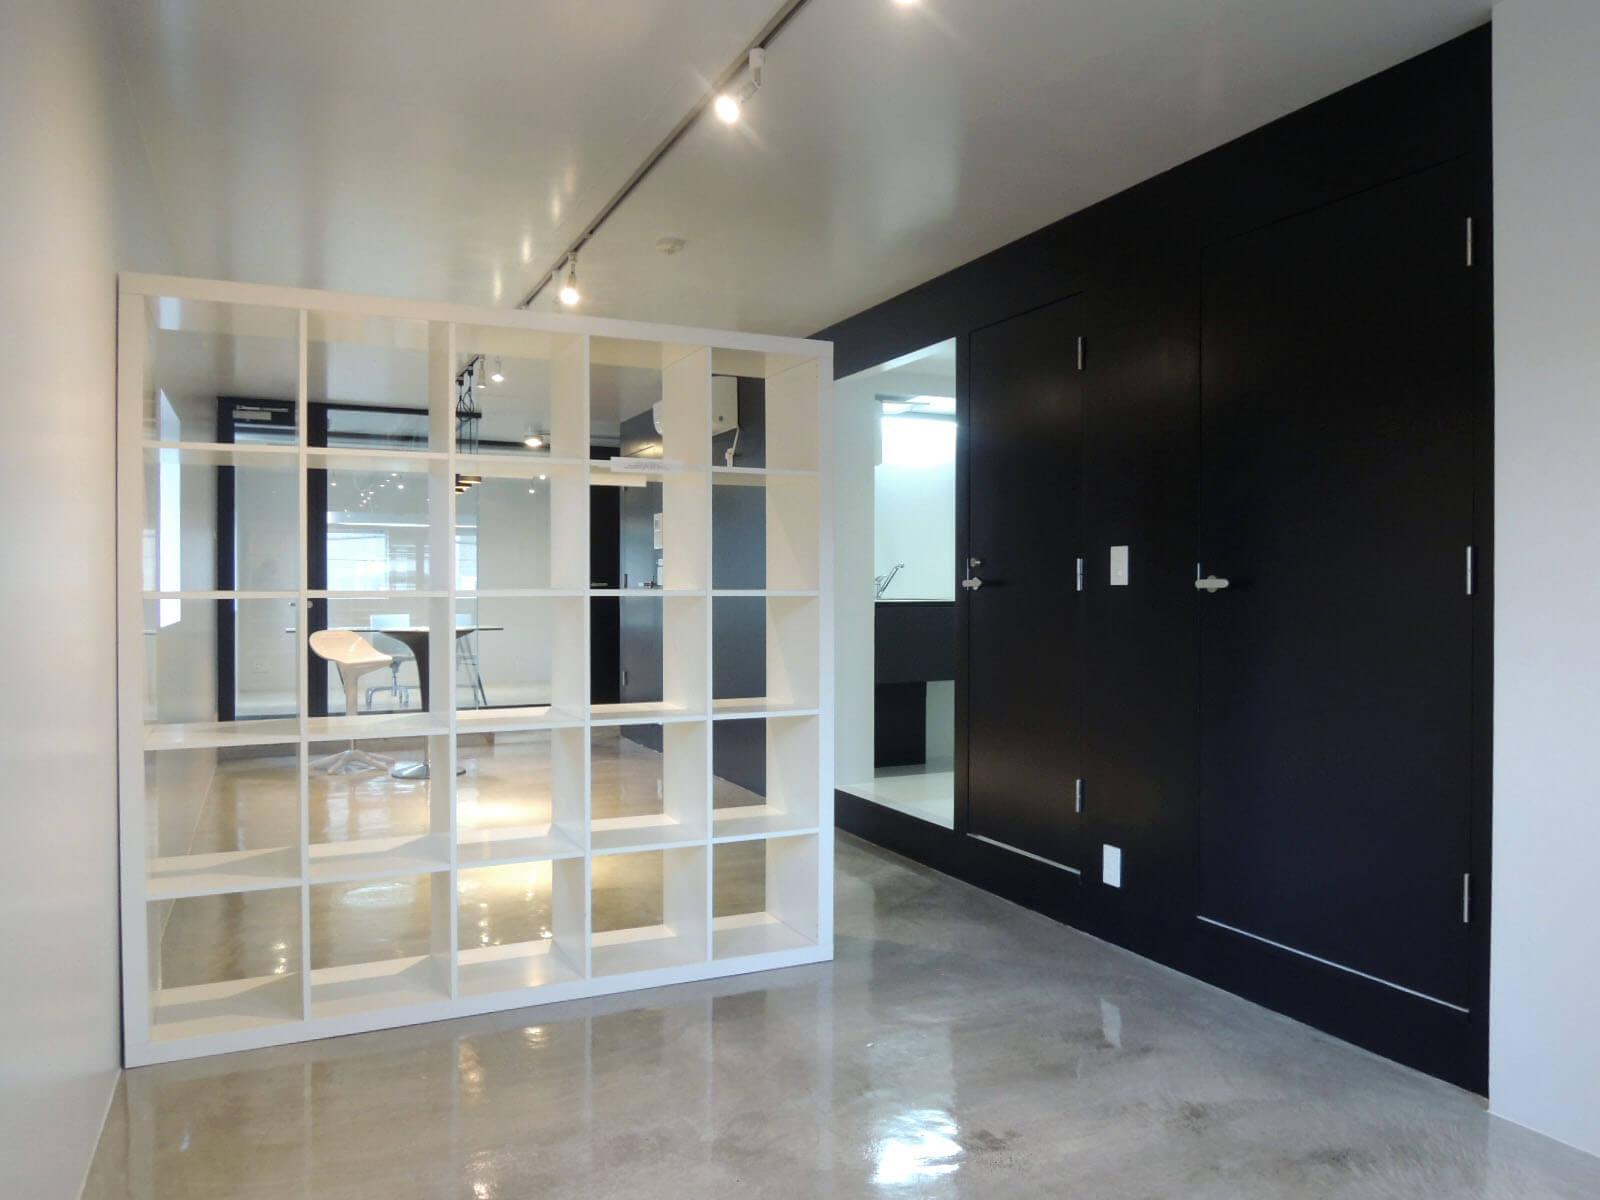 備付の棚は移動可能、目隠しにしても壁付けにしても